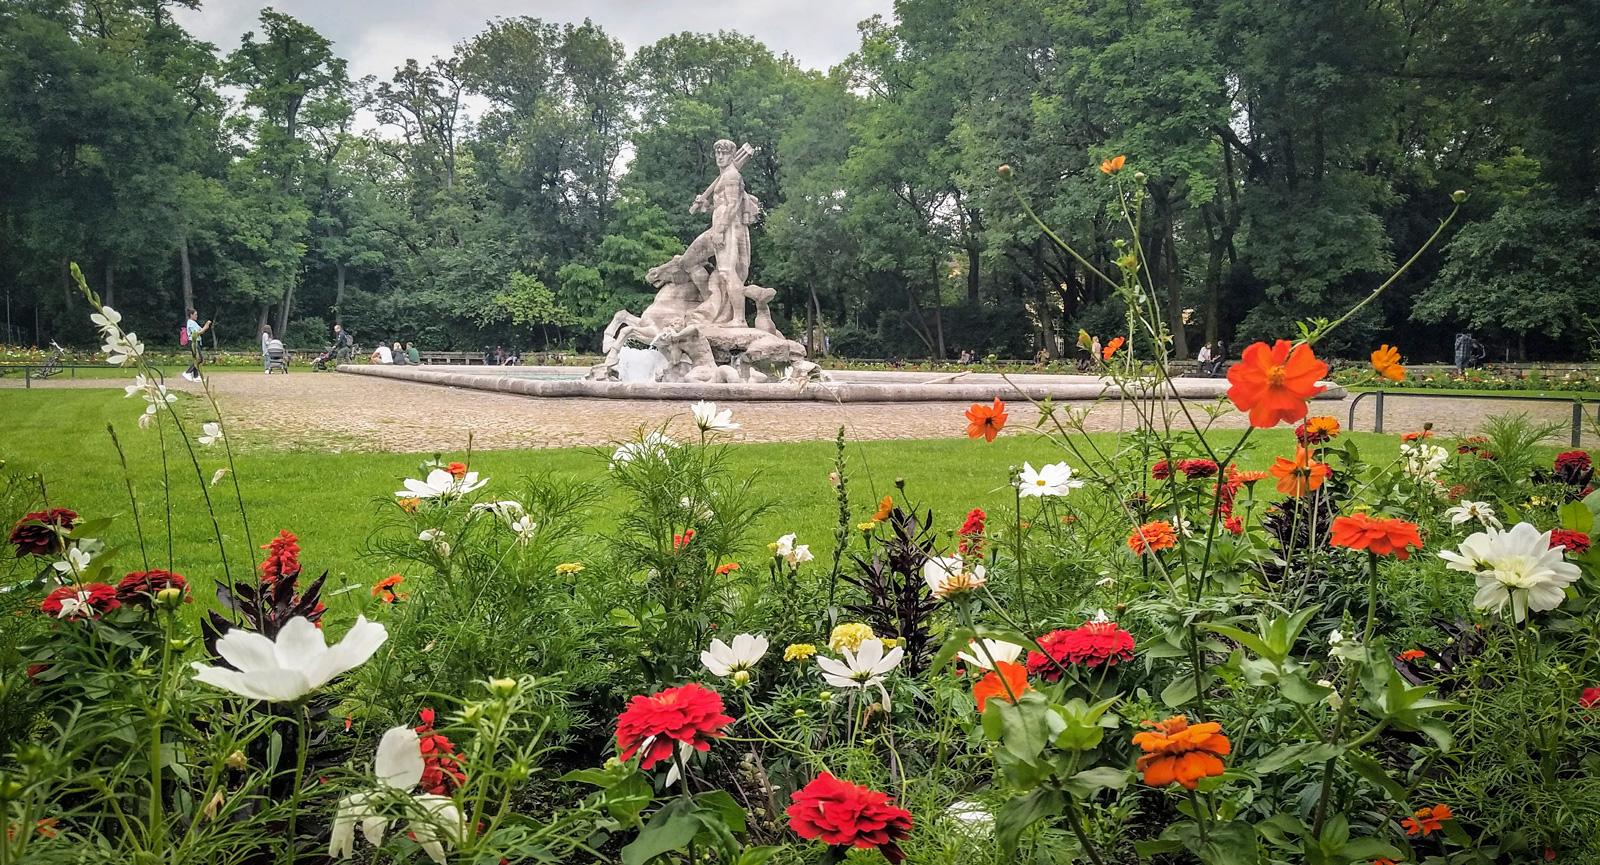 Neptunusfontän i Botaniska trädgården. Centralt läge!